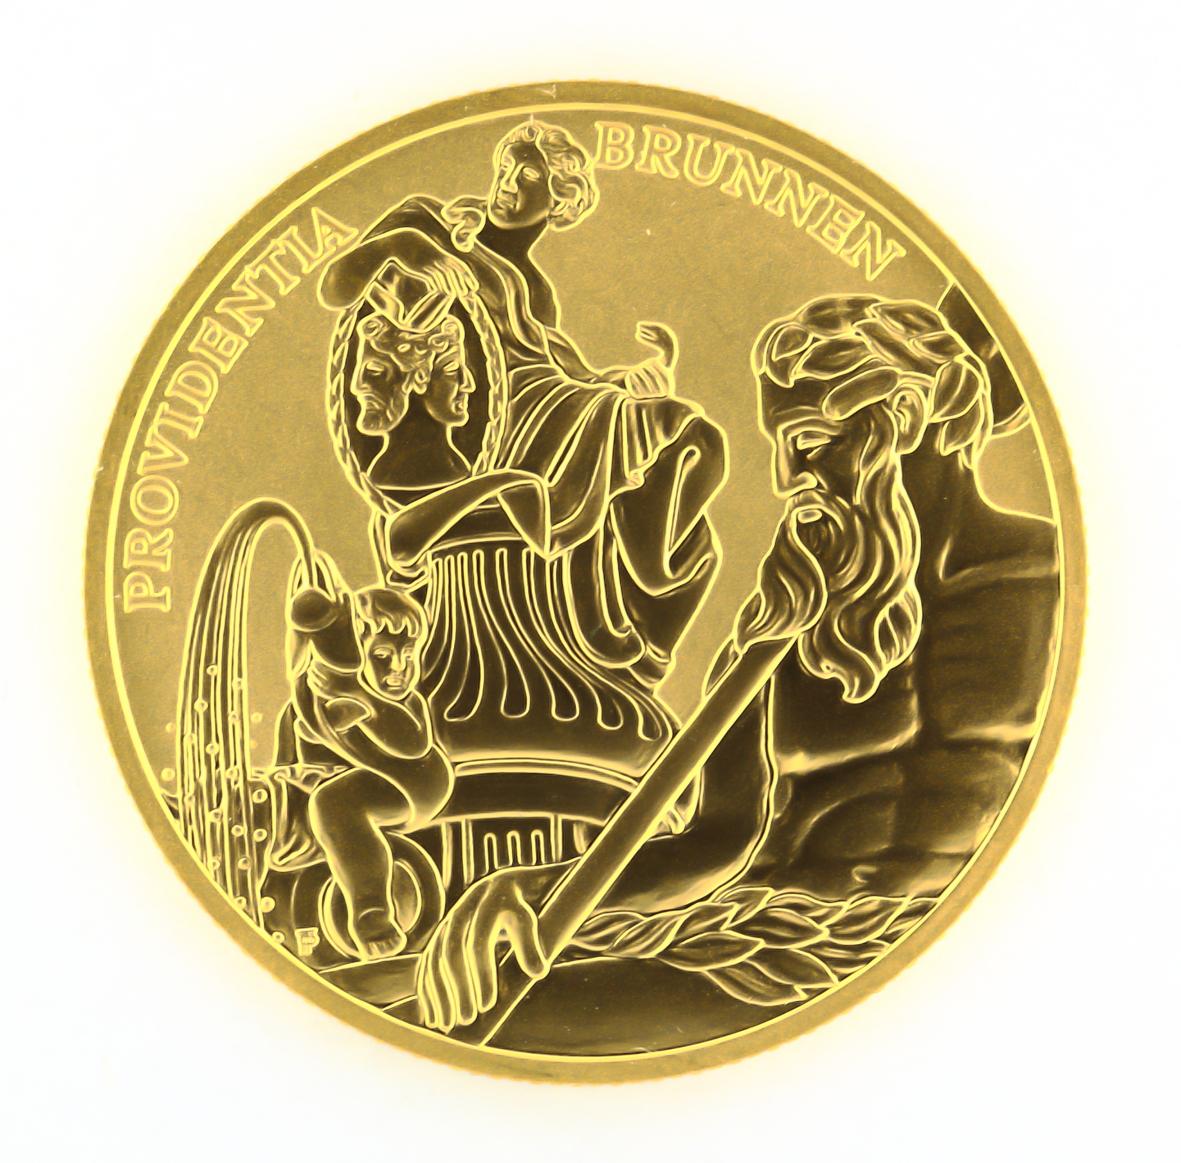 Fileösterreich 100 Euro Goldmünze Bildhauerei 2002 Reversjpg